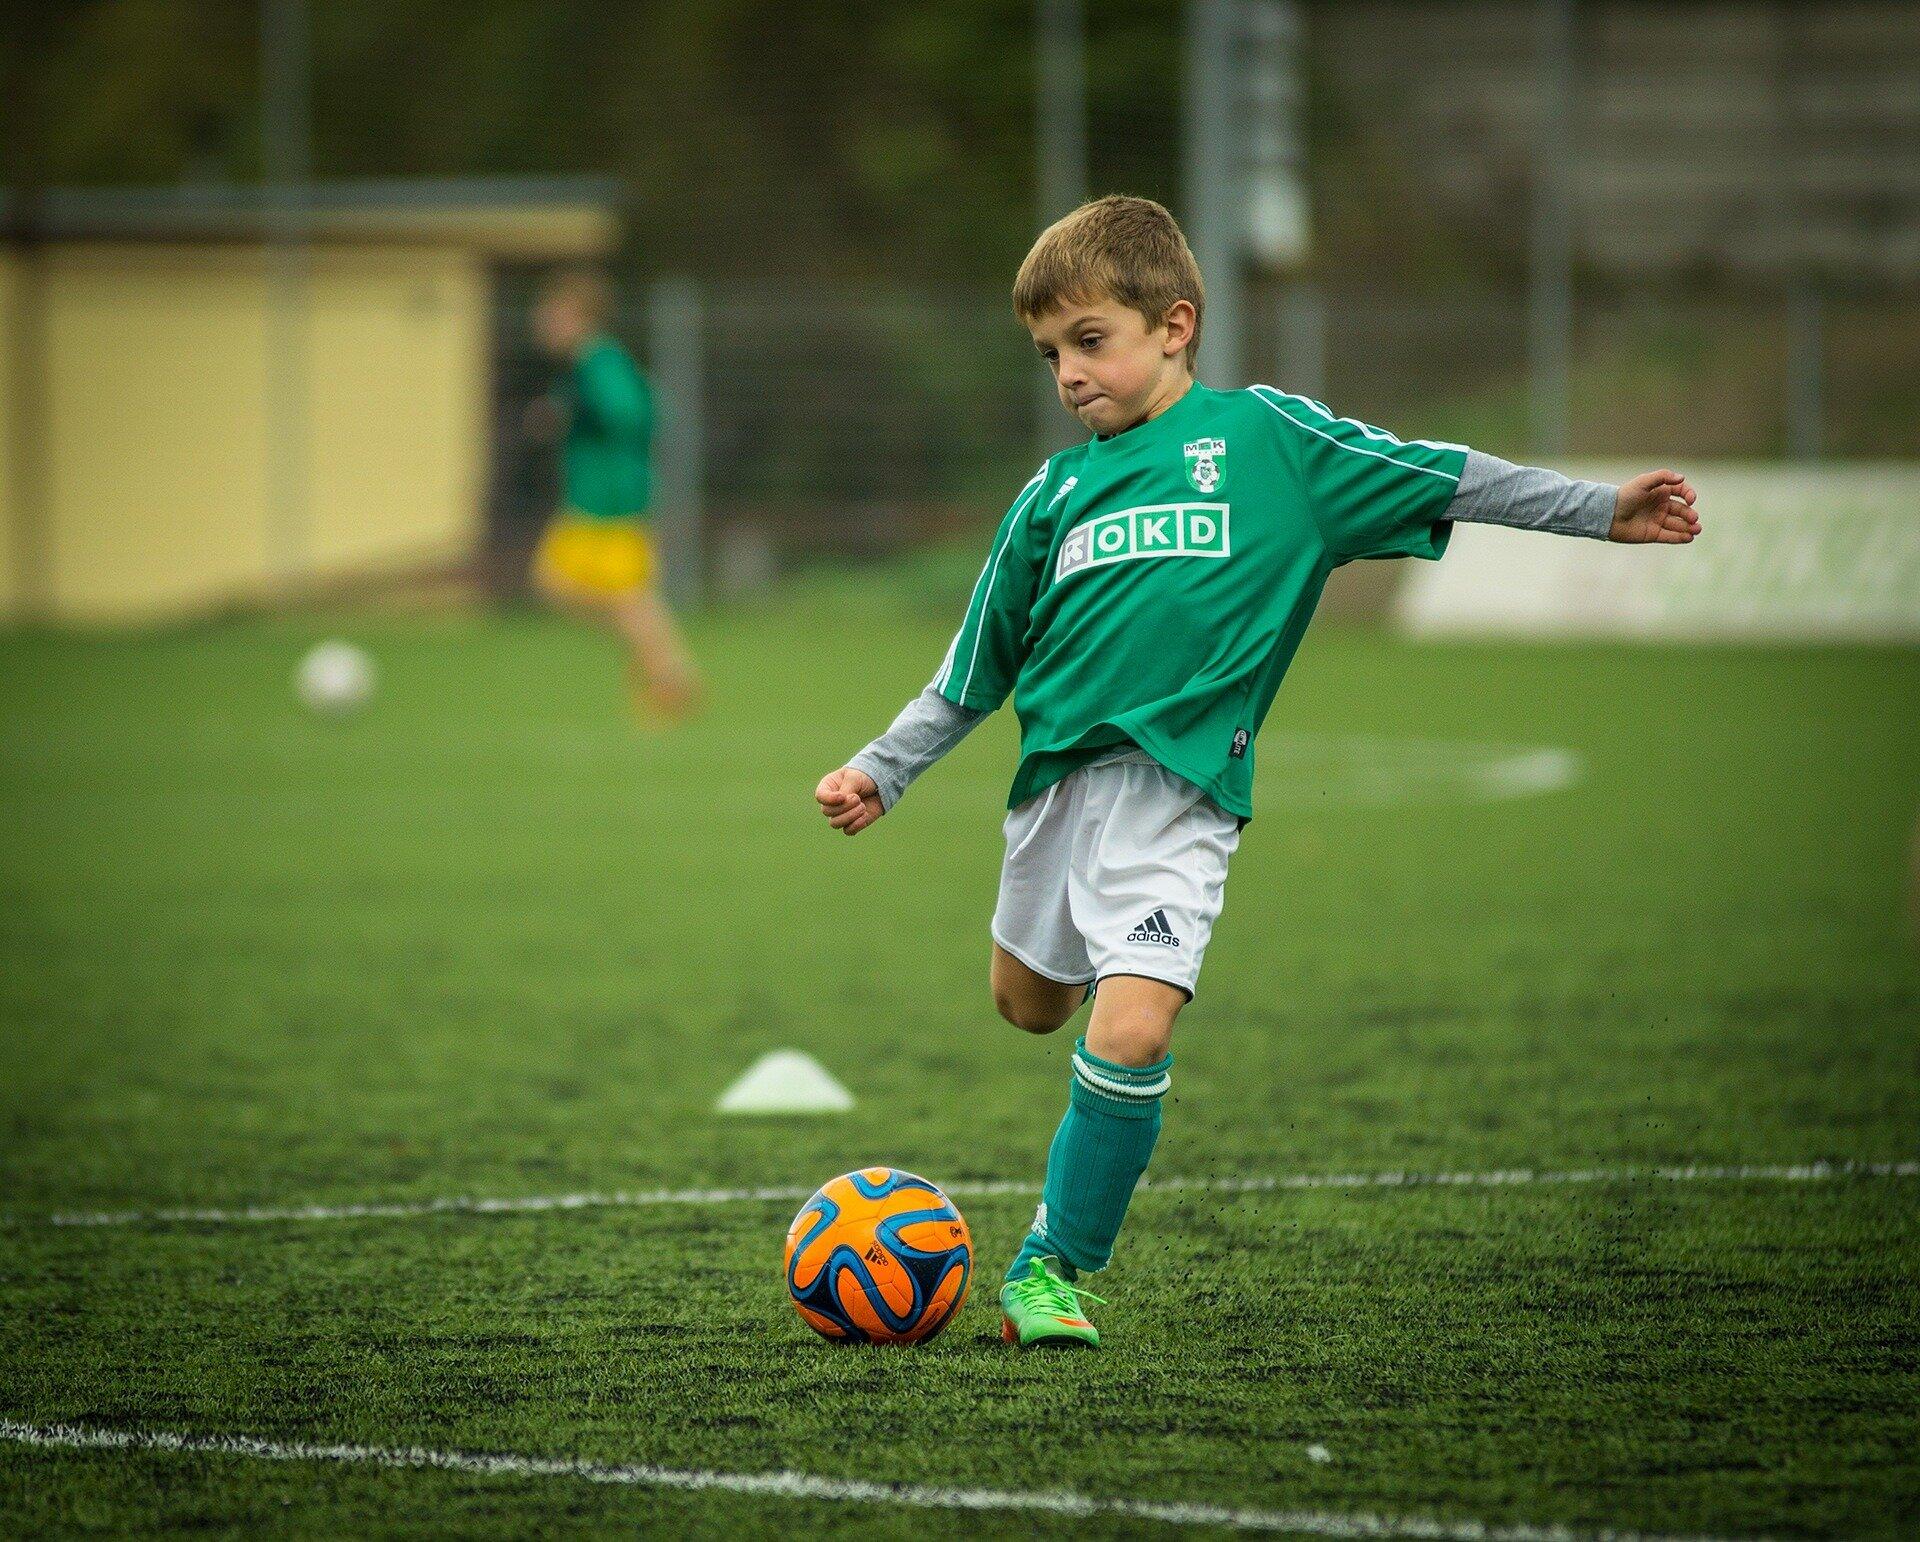 Mehr Kinder leiden unter Kopf-Verletzungen-spielen-Freizeit-Sport als mannschaftssport